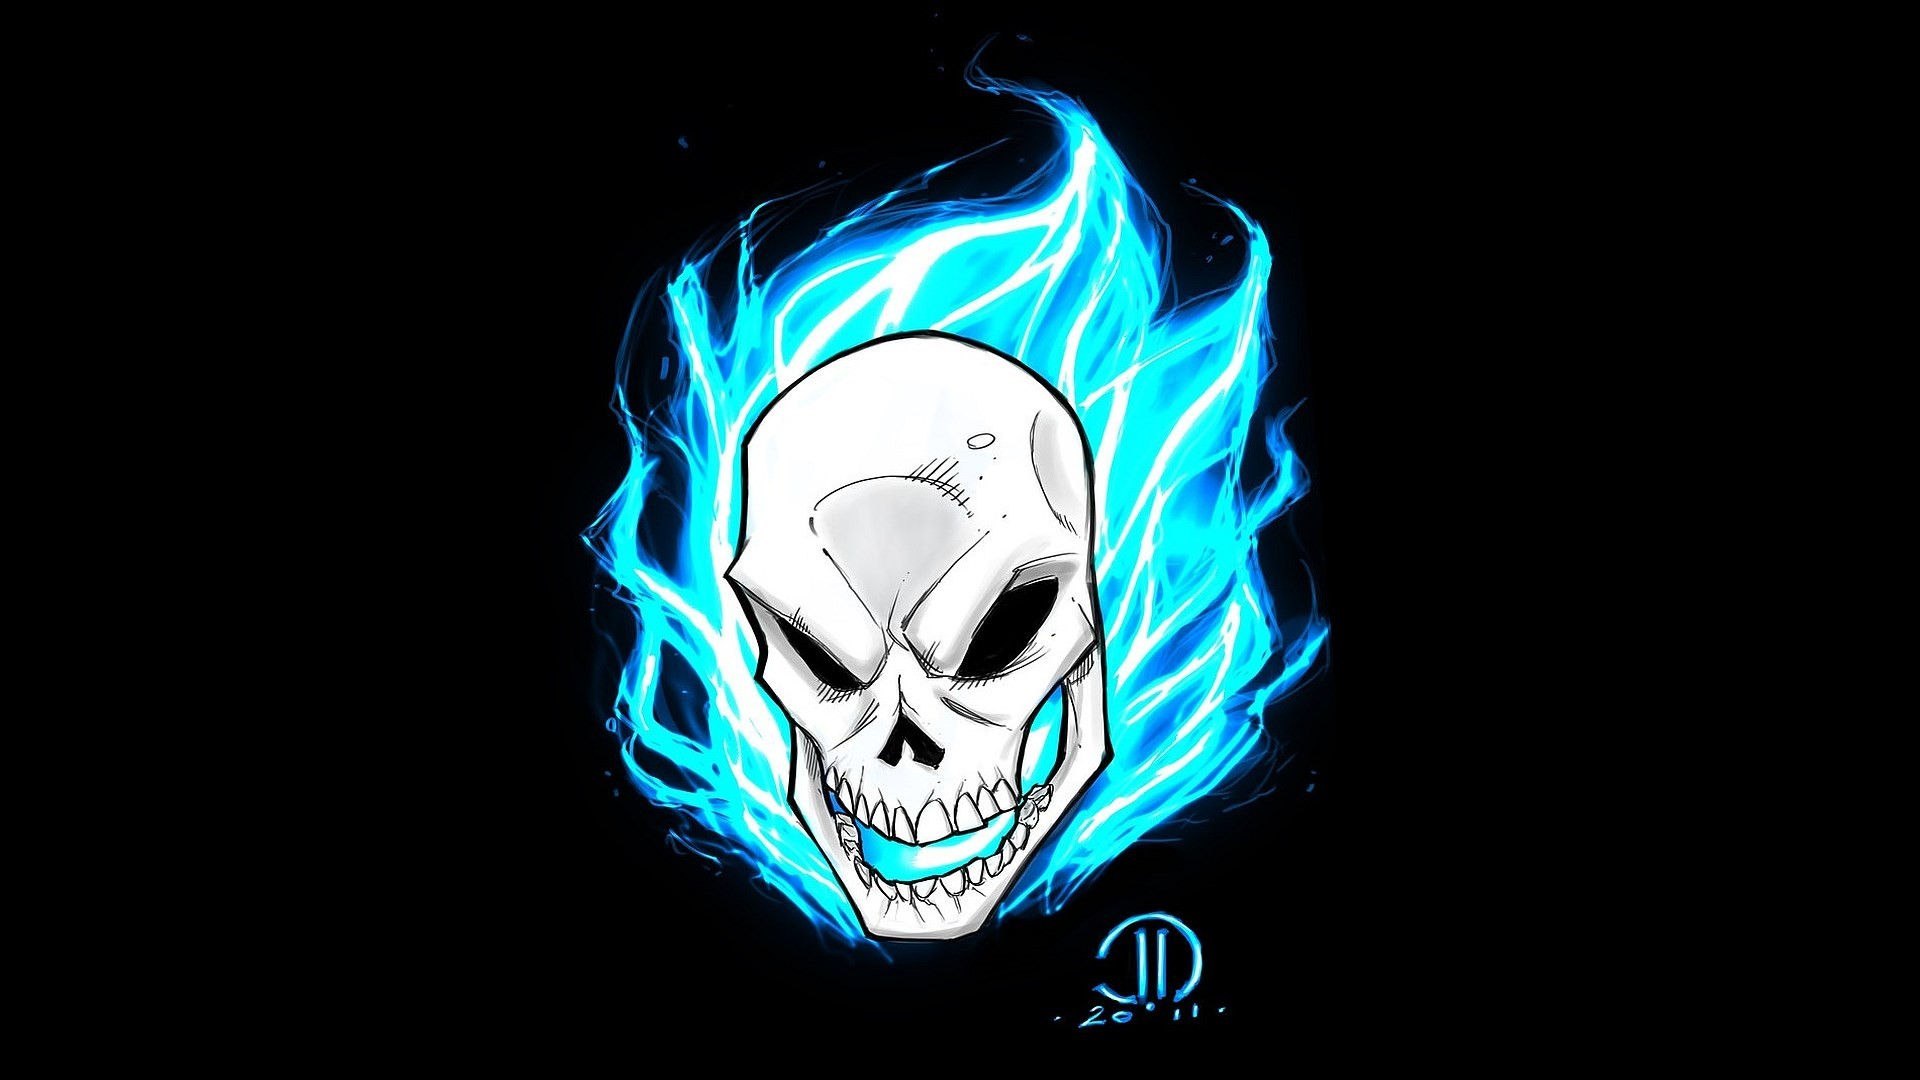 1920x1080 Ghost Rider Skull Wallpaper